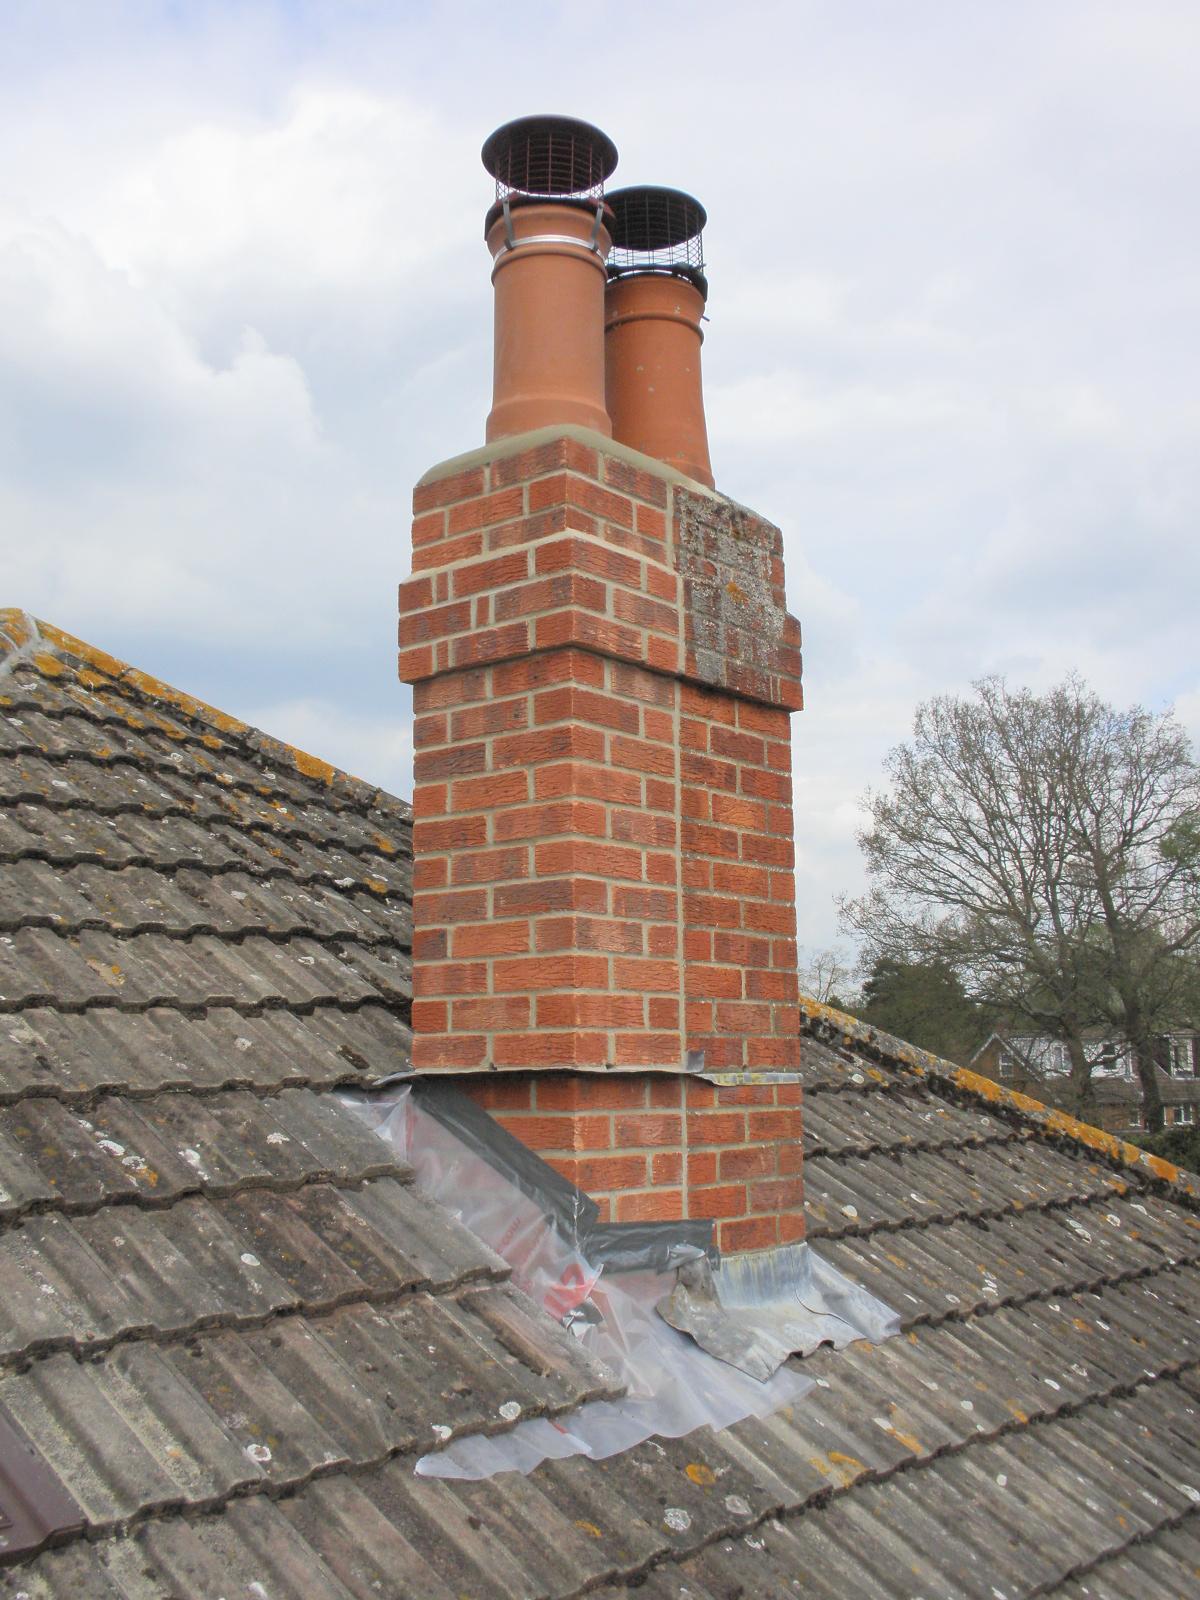 Chimney Construction Materials : Building brick chimneys